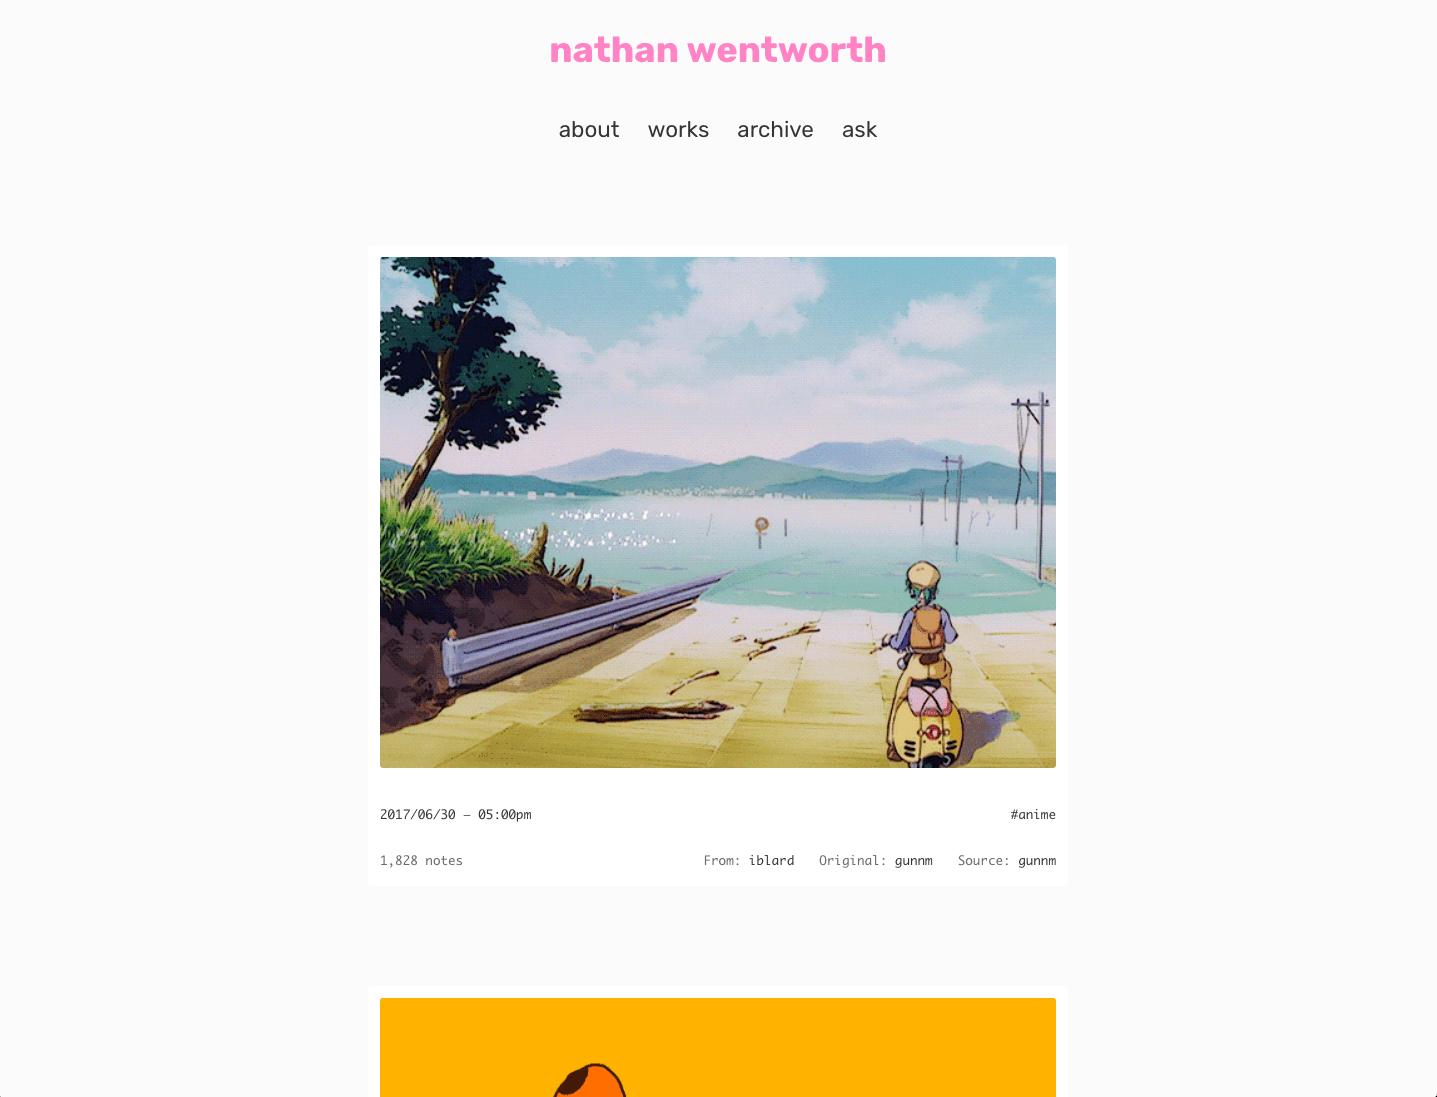 minimal mono Tumblr theme — nathan wentworth ✨